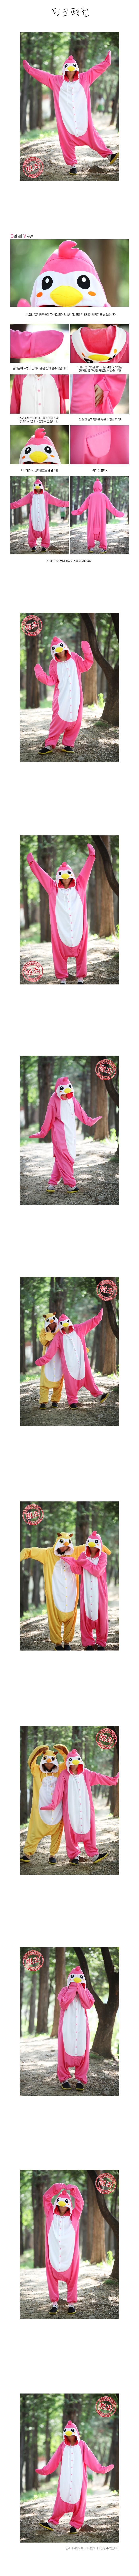 사계절동물잠옷-핑크펭귄 - 사자크동물잠옷, 37,000원, 잠옷, 커플파자마